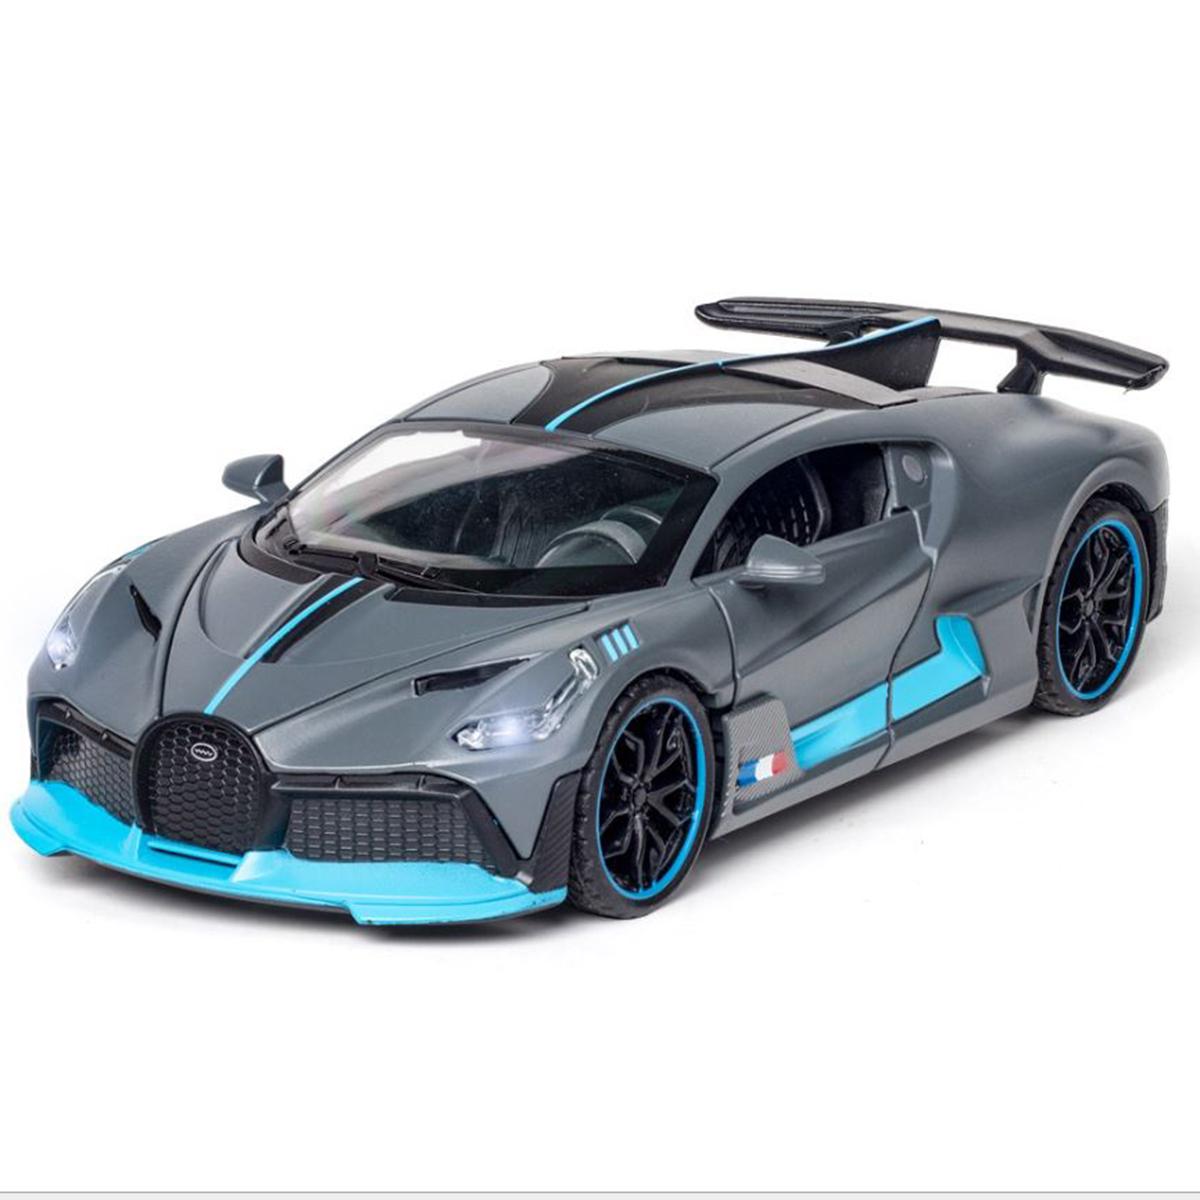 Xe mô hình kim loại Bugatti Divo tỷ lệ 1:32